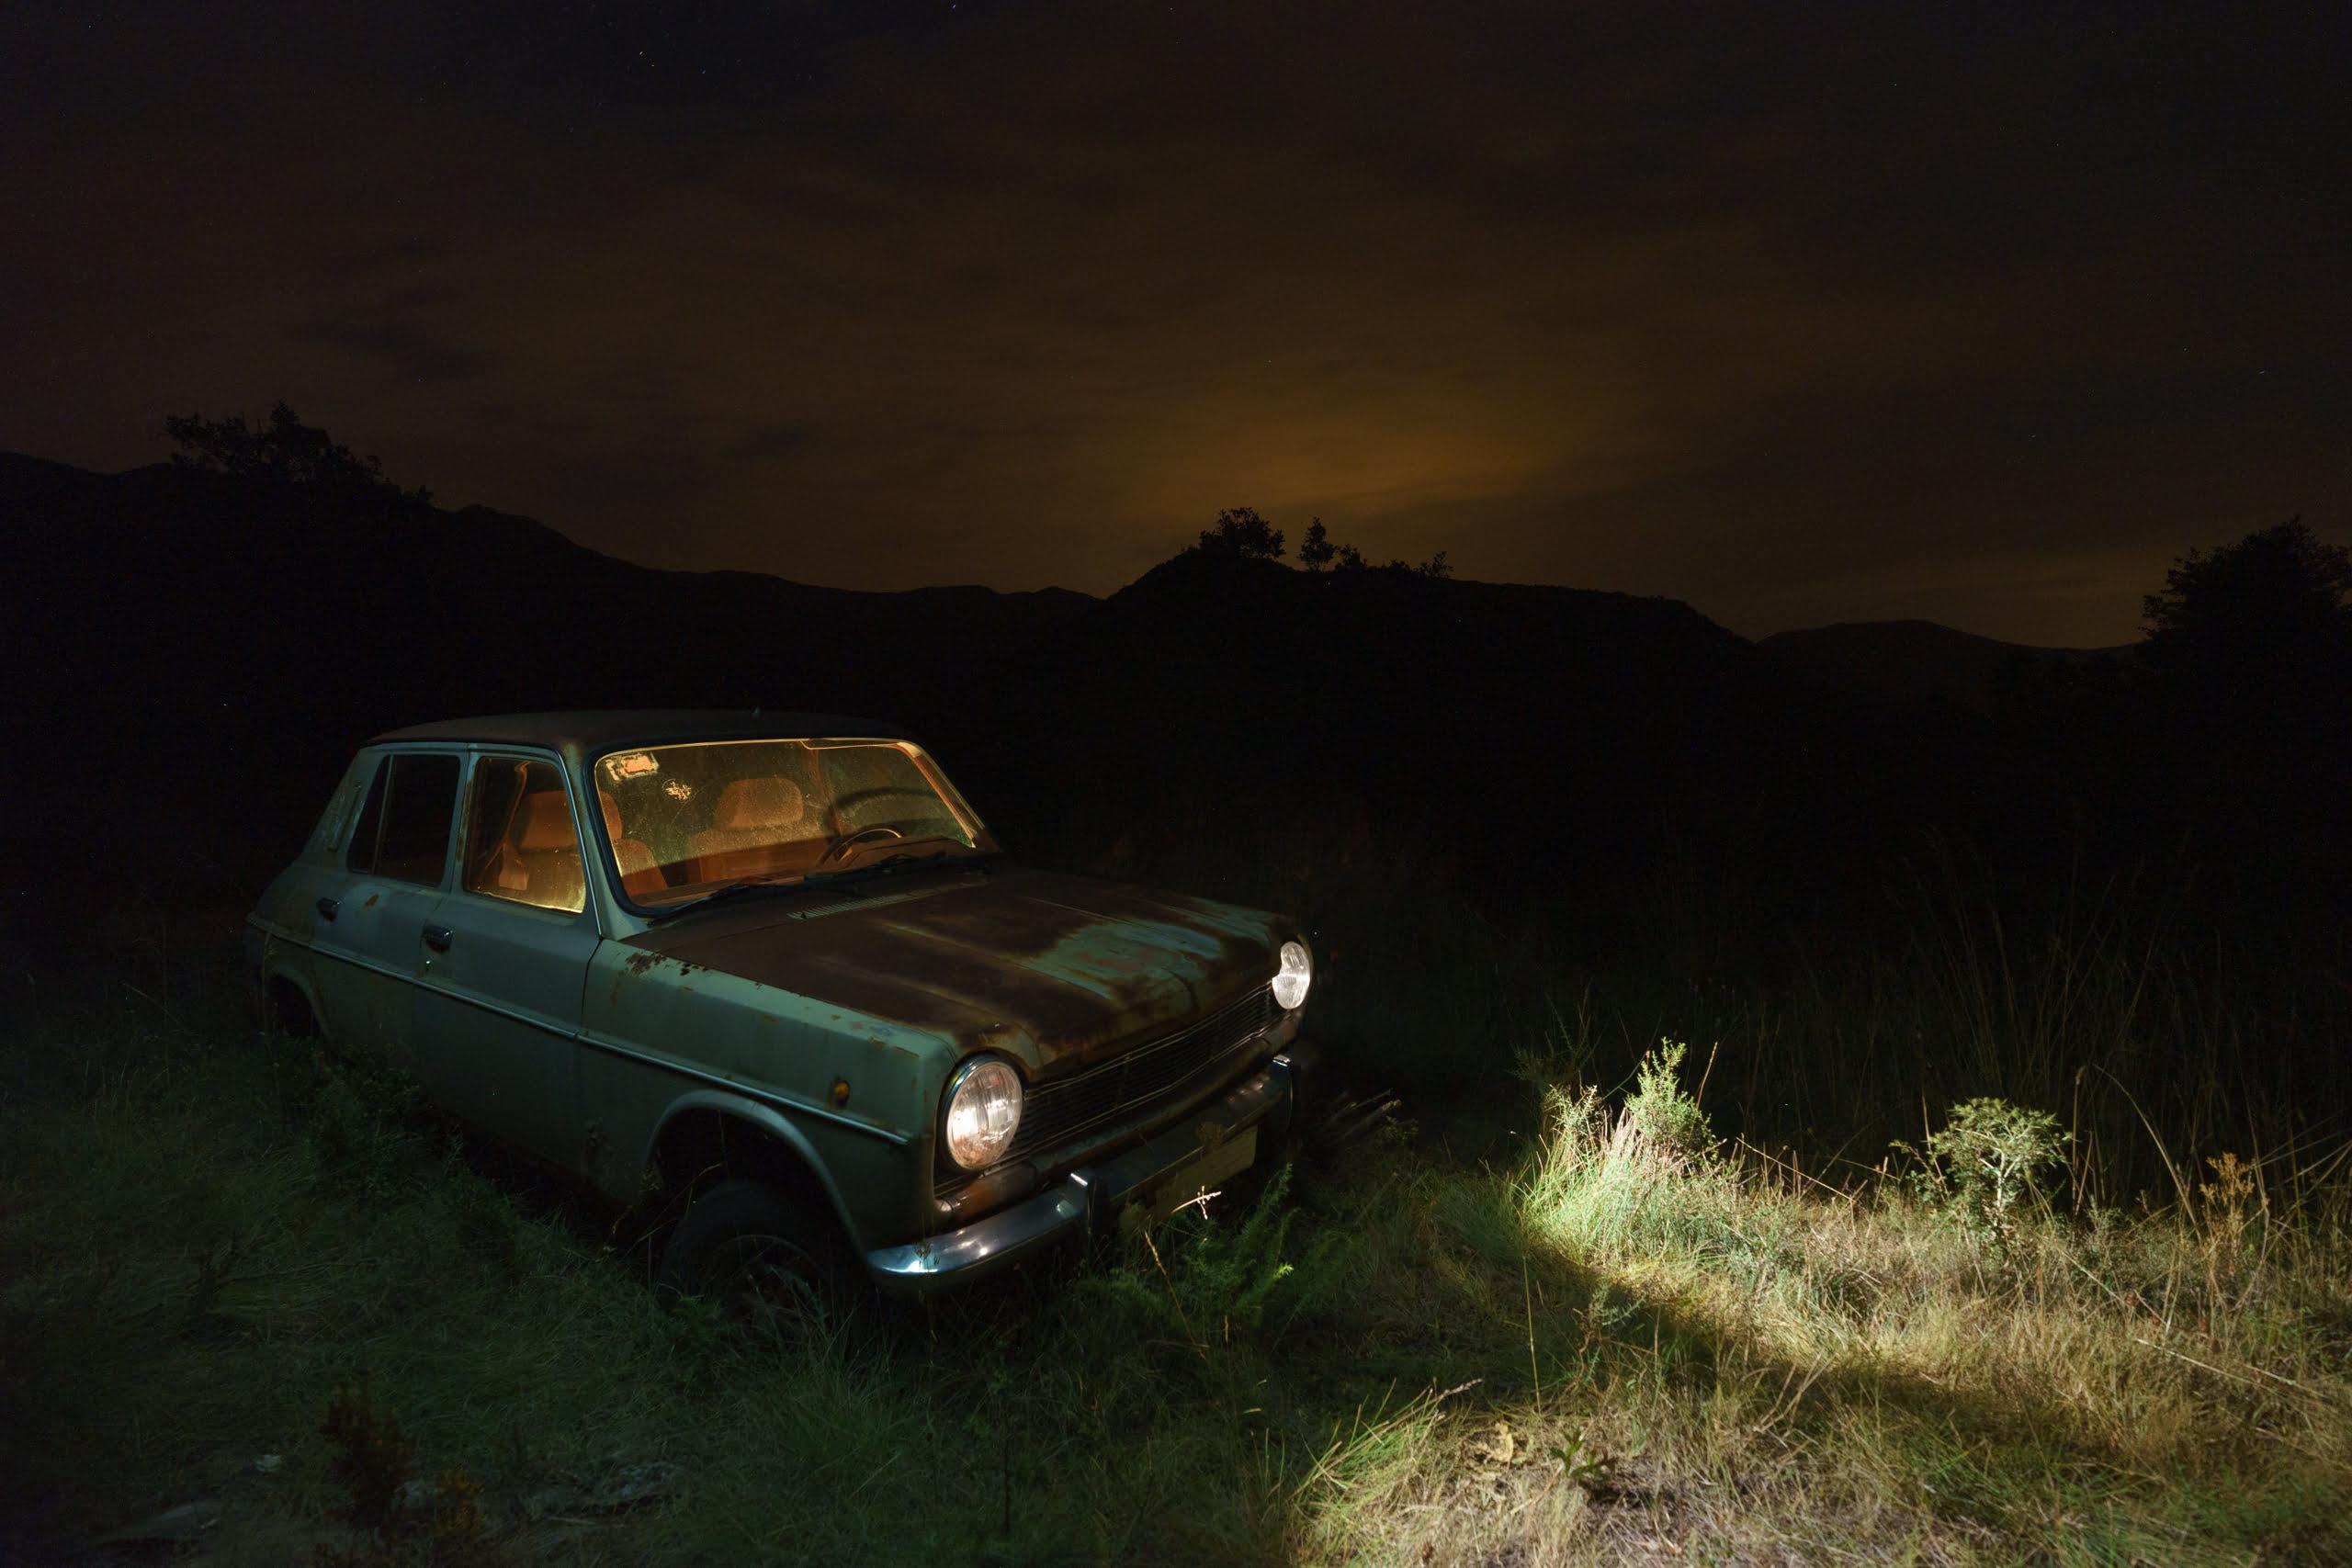 Fotografía nocturna de vehículos. RAW